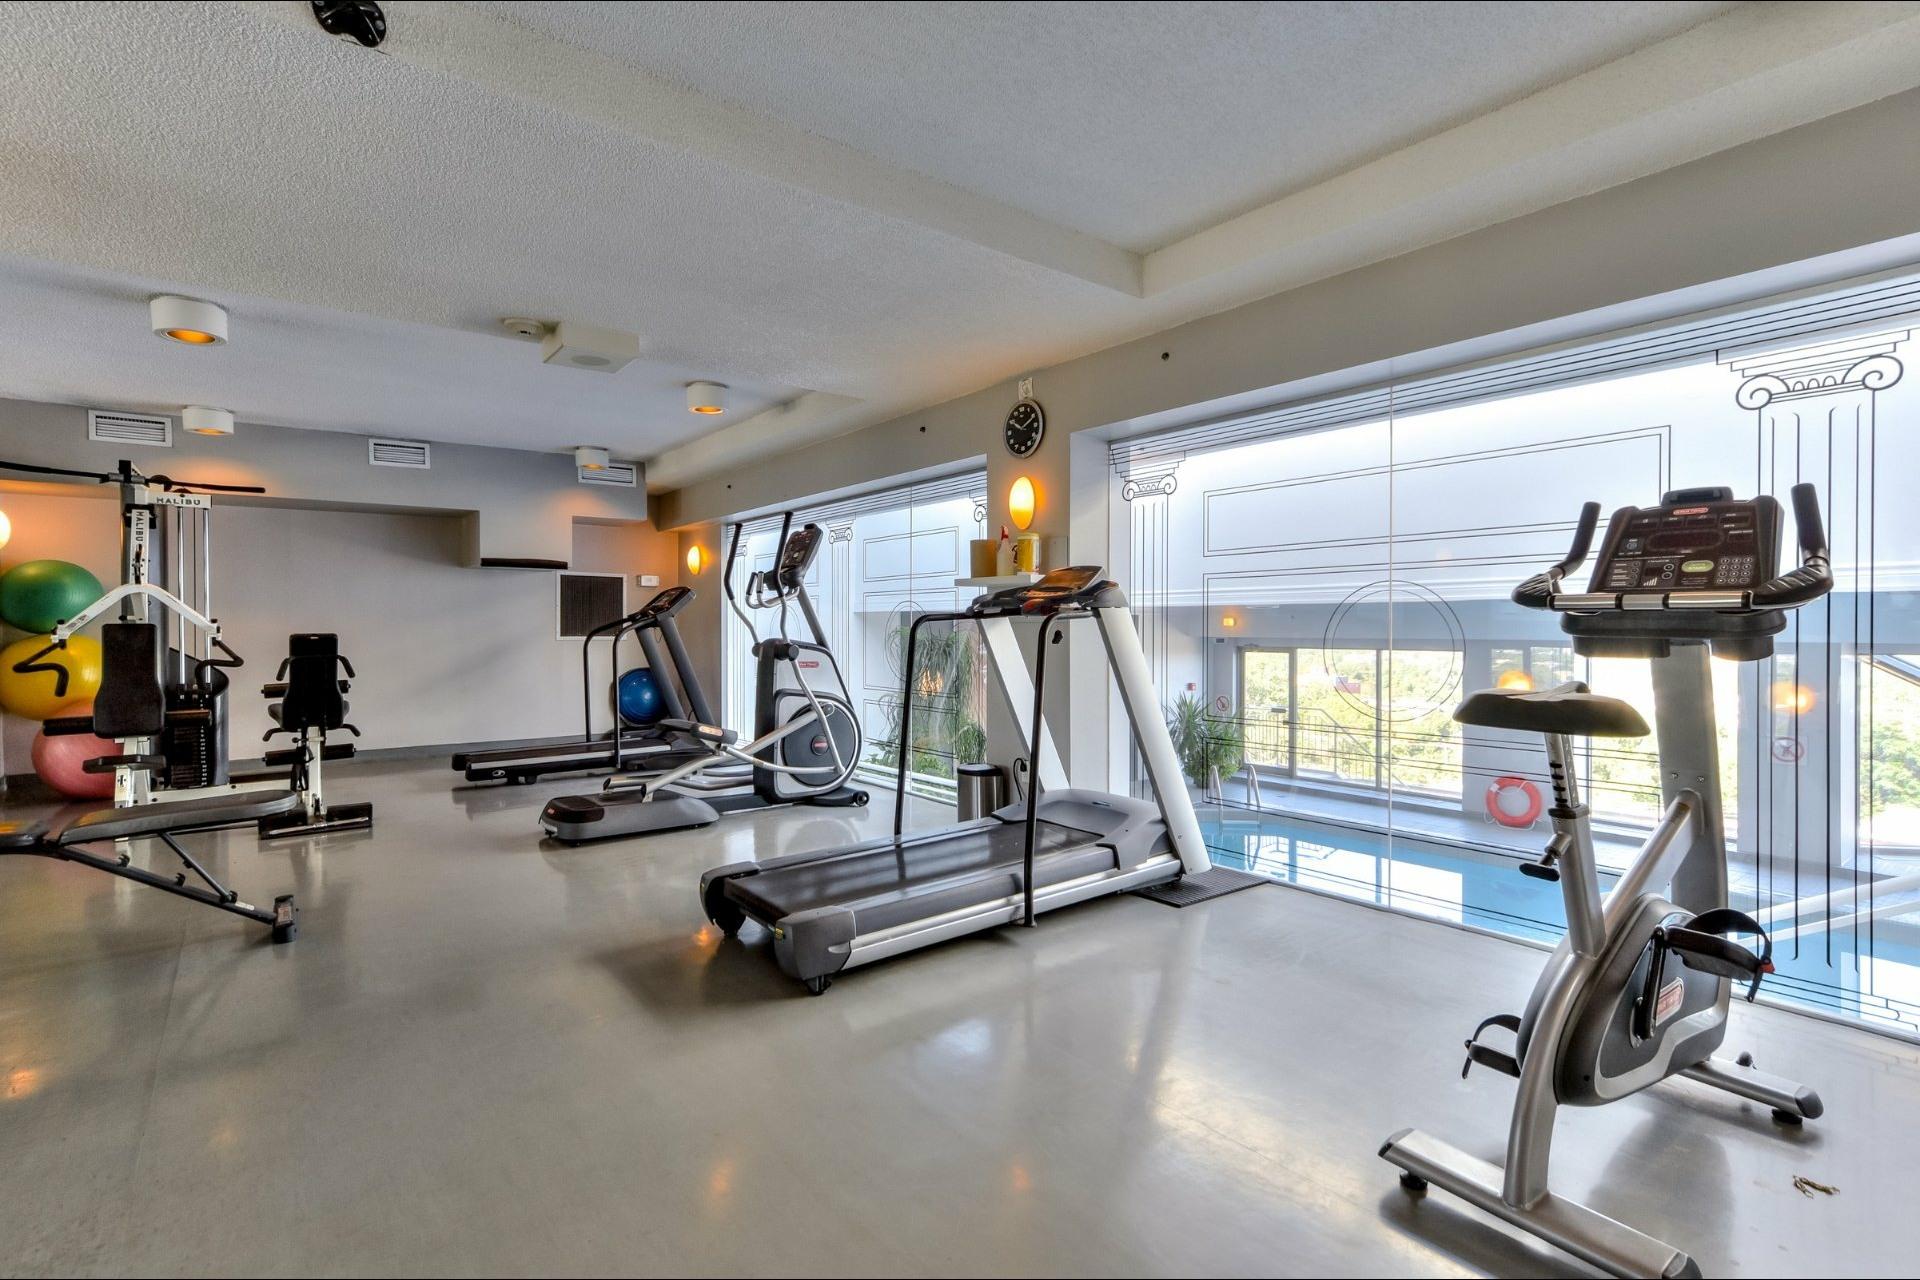 image 40 - Appartement À vendre Côte-des-Neiges/Notre-Dame-de-Grâce Montréal  - 12 pièces